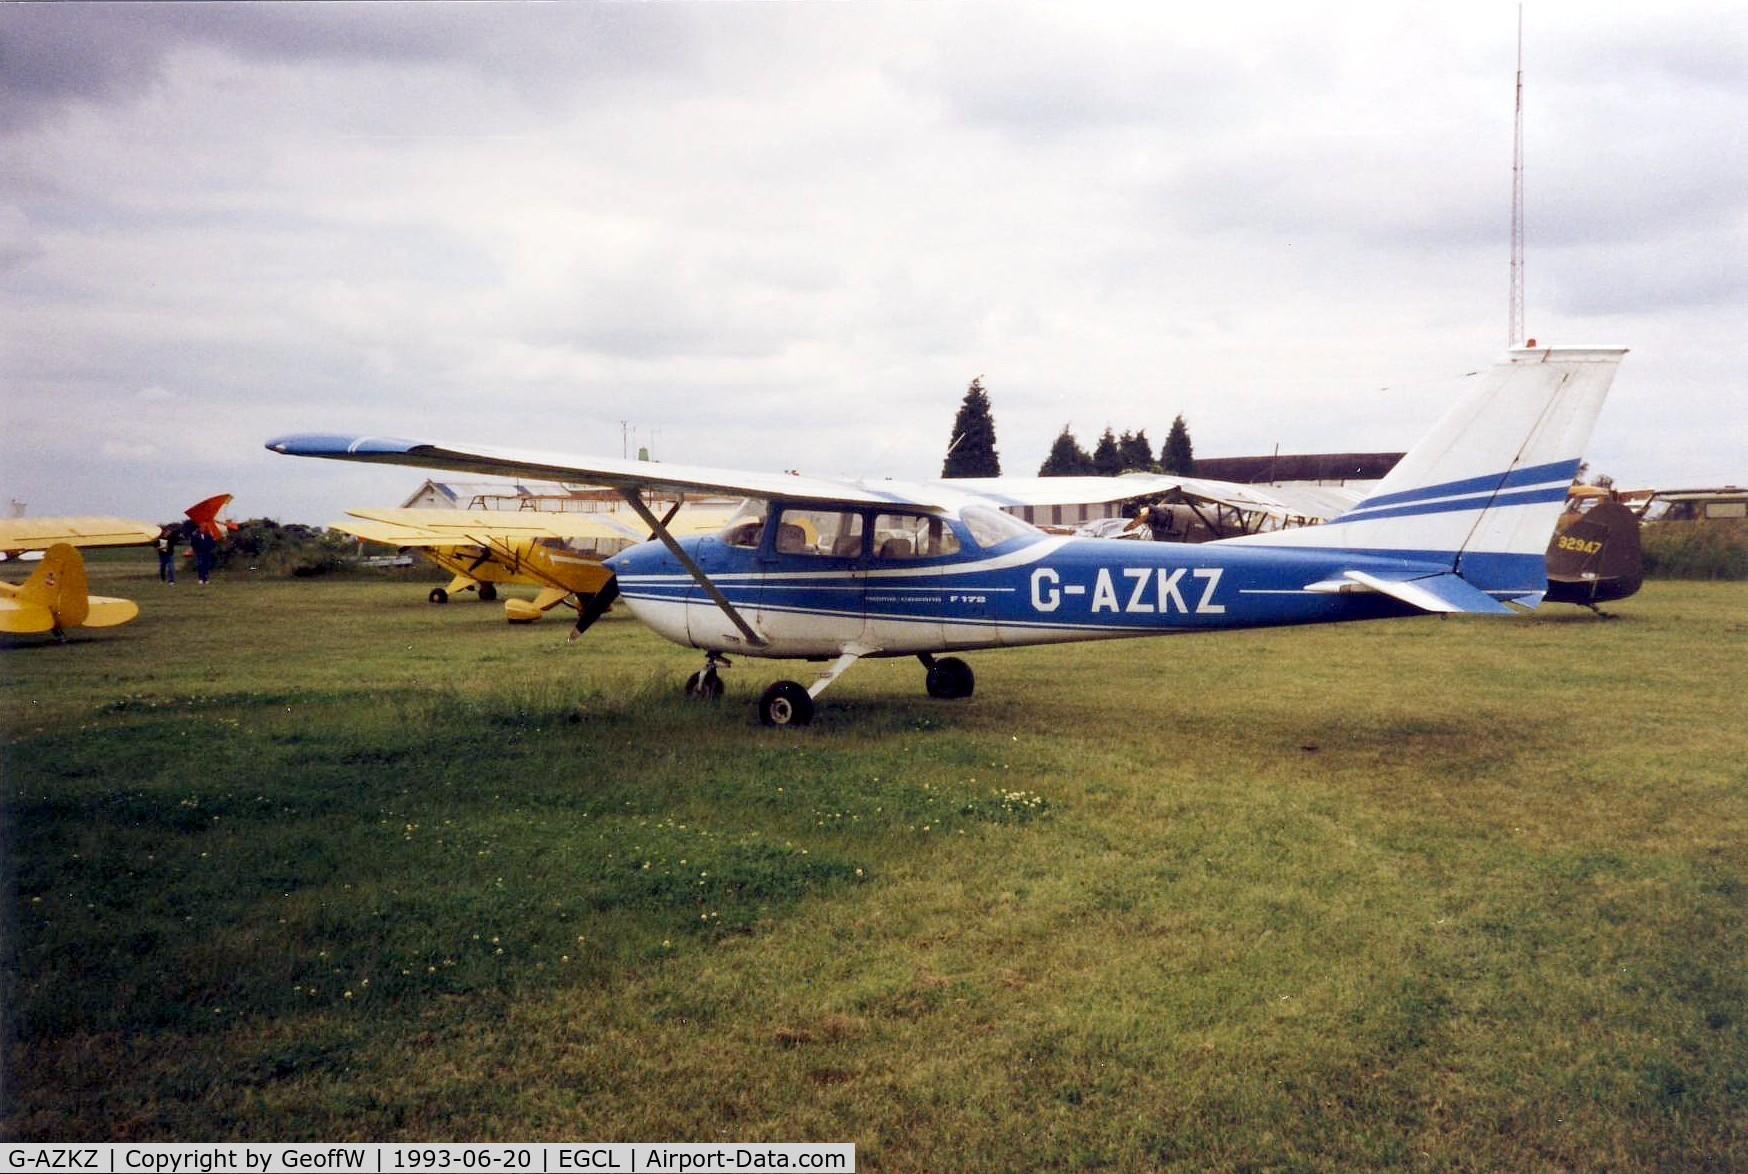 G-AZKZ, 1972 Reims F172L Skyhawk C/N 0814, Taken at a Vintage Piper Fly-in